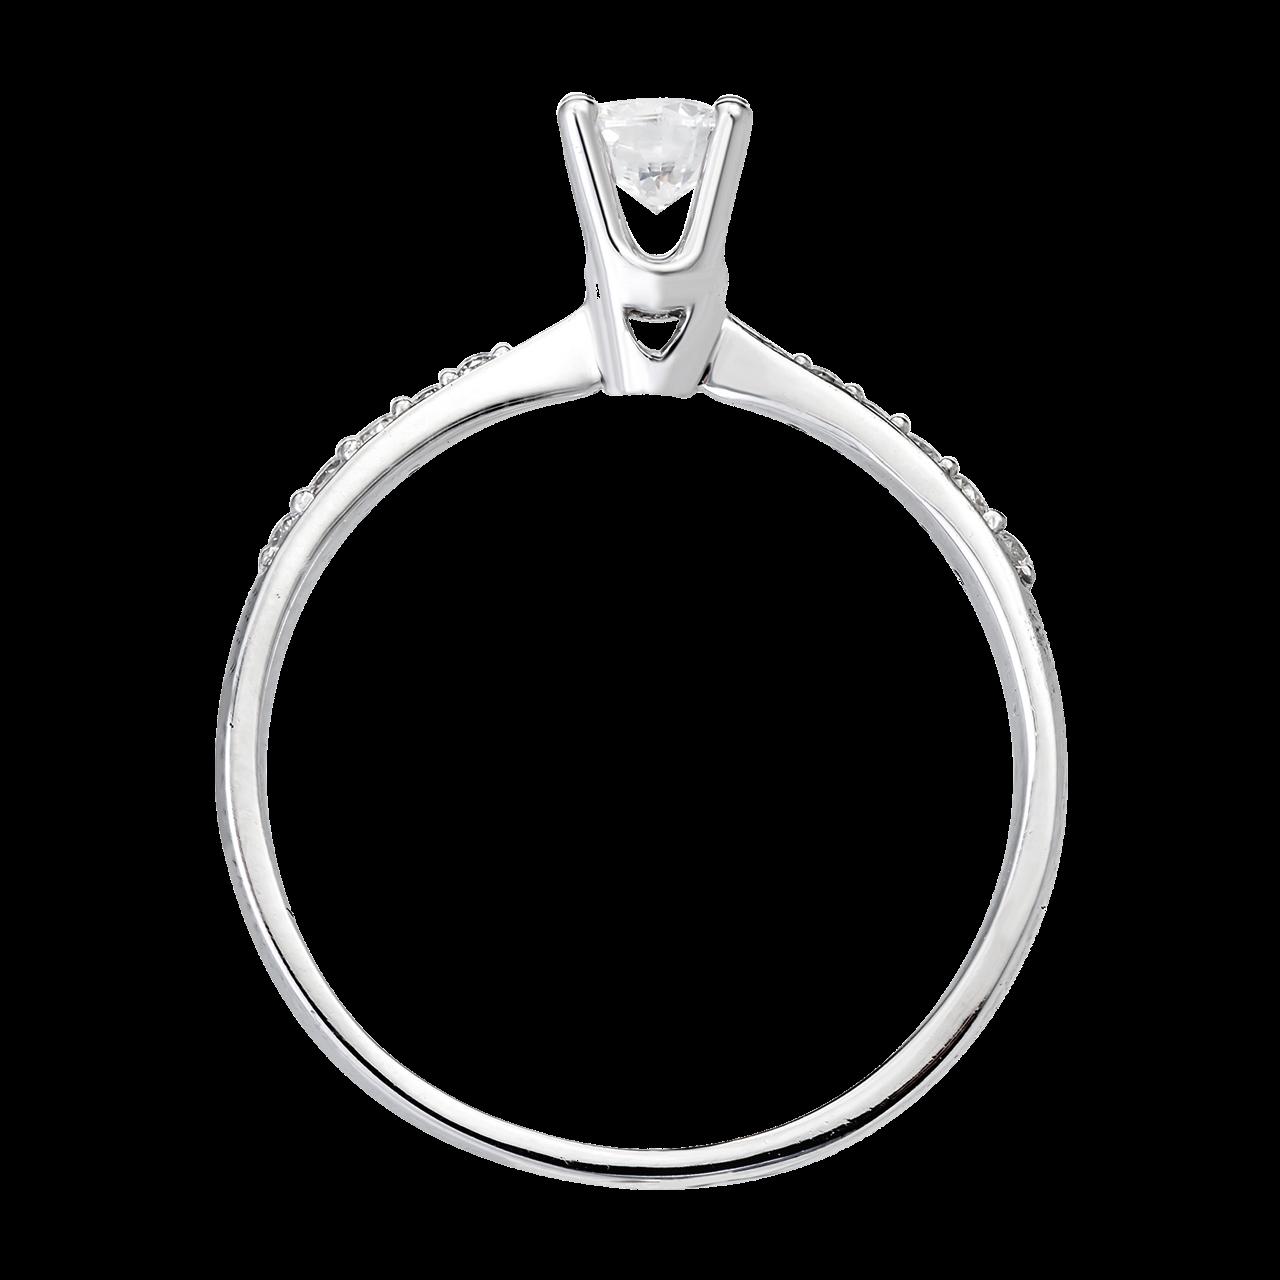 Nhẫn Kim cương Vàng trắng 14K PNJ DDDDW001071